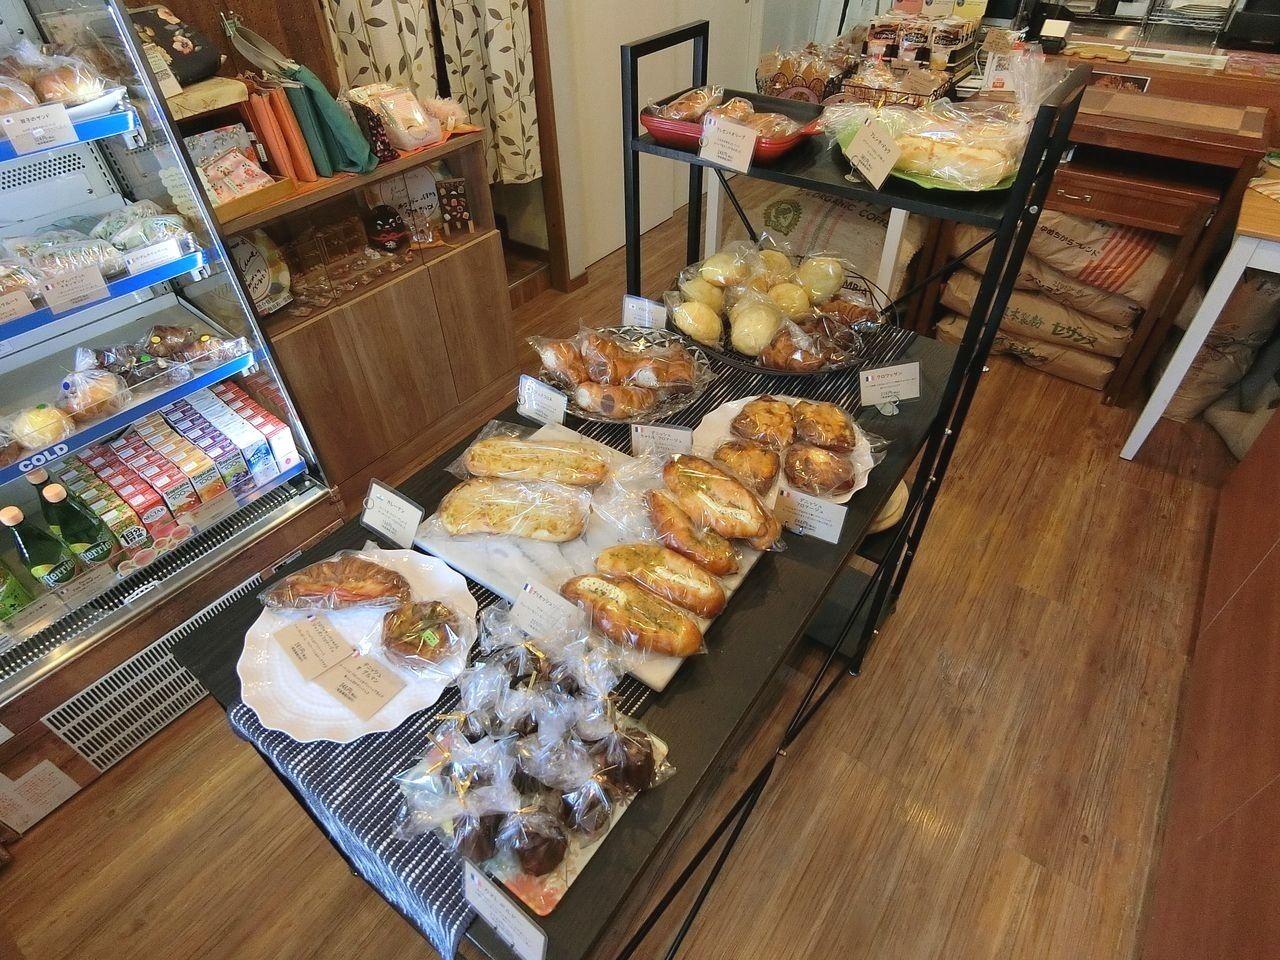 板橋区東新町のパン屋「ブーランジェリー・ラヴィブリヤント」